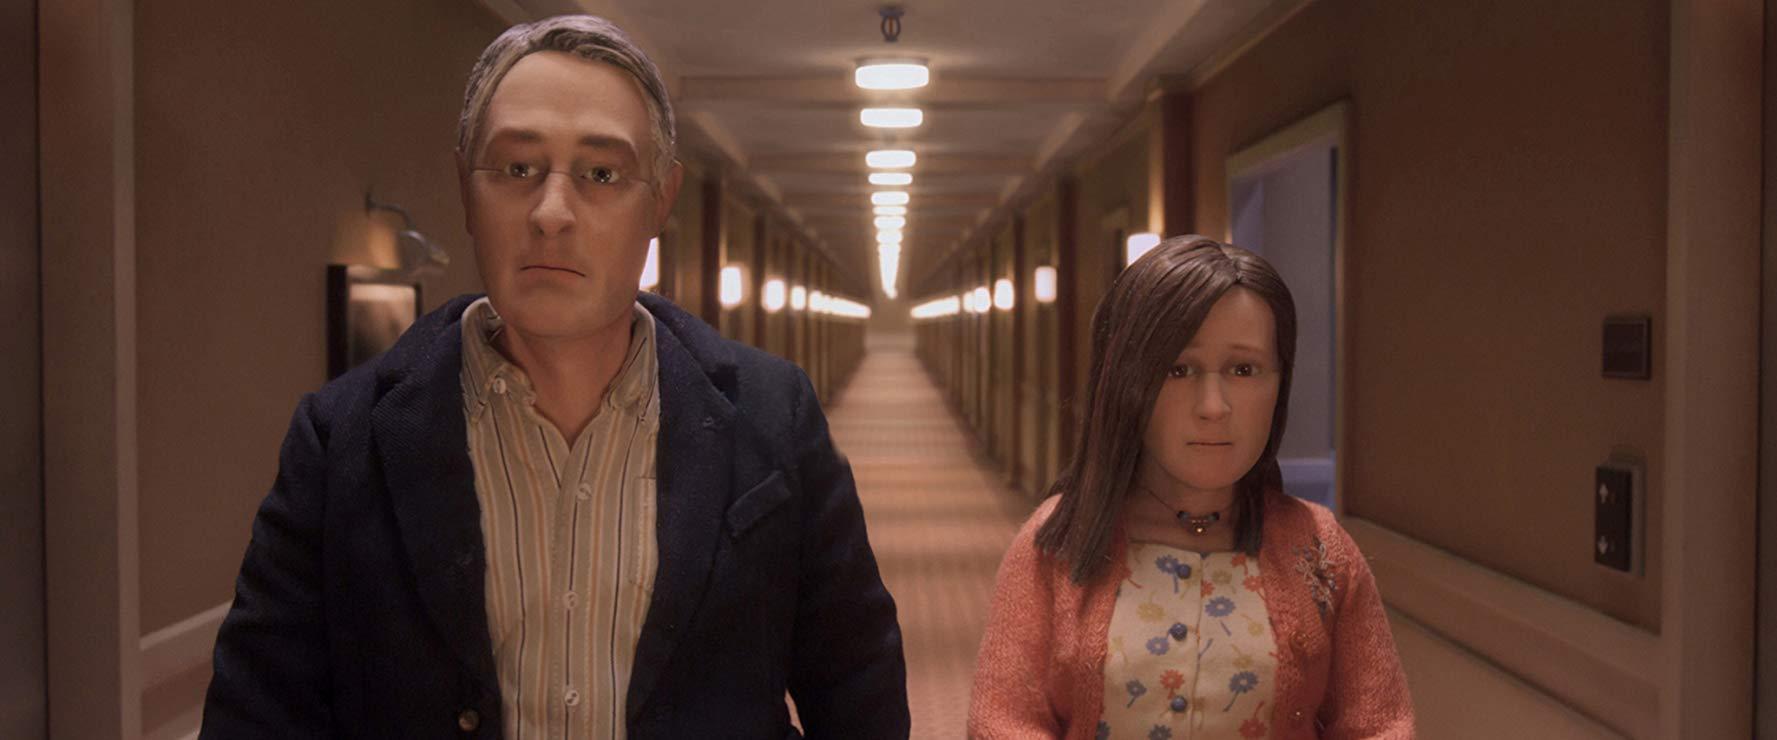 شاید برای شما نیز تصور فیلمی ترسناک از یک فیلم عاشقانه و یا بالعکس دشوار باشد اما در واقع فیلم های عاشقانه متعددی وجود دارند که در پس احساسات لطیفی که انتظار داریم، واقعیتی ترسناک نهفته است که فیلم را به سمت ژانر وحشت می برد.